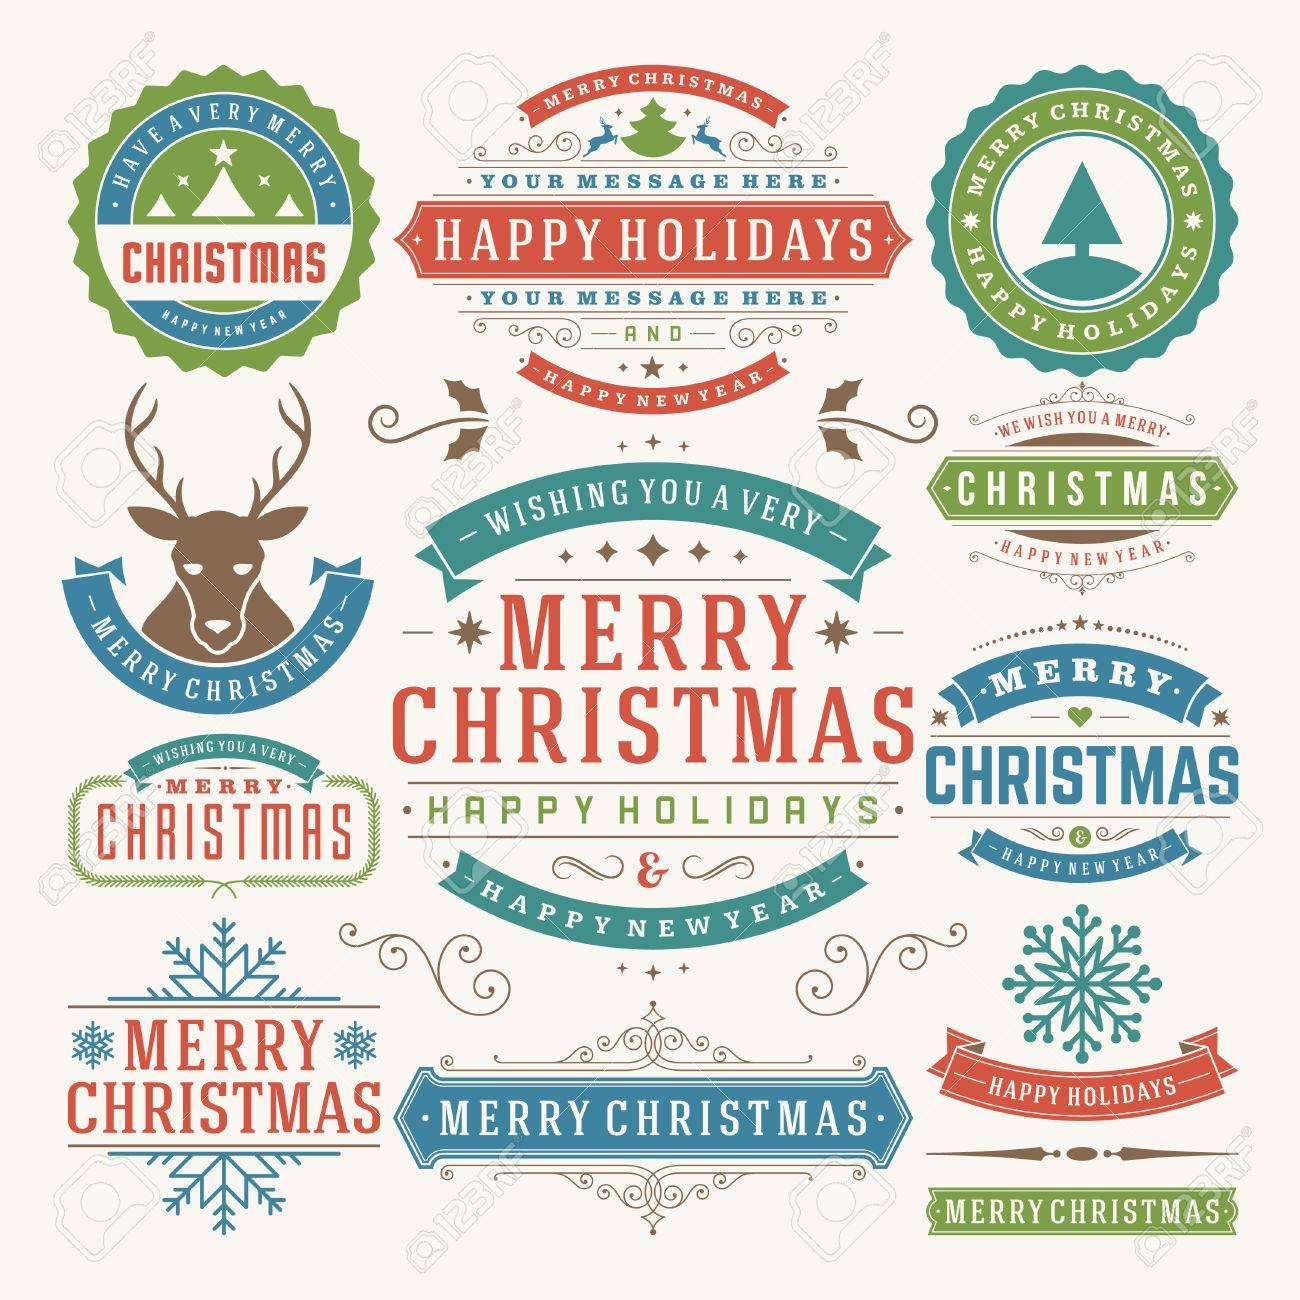 Etiketten Frohe Weihnachten.Weihnachtsdekoration Vektor Design Elemente Frohe Weihnachten Und Schöne Feiertage Wishes Typographic Elemente Vintage Etiketten Bilderrahmen